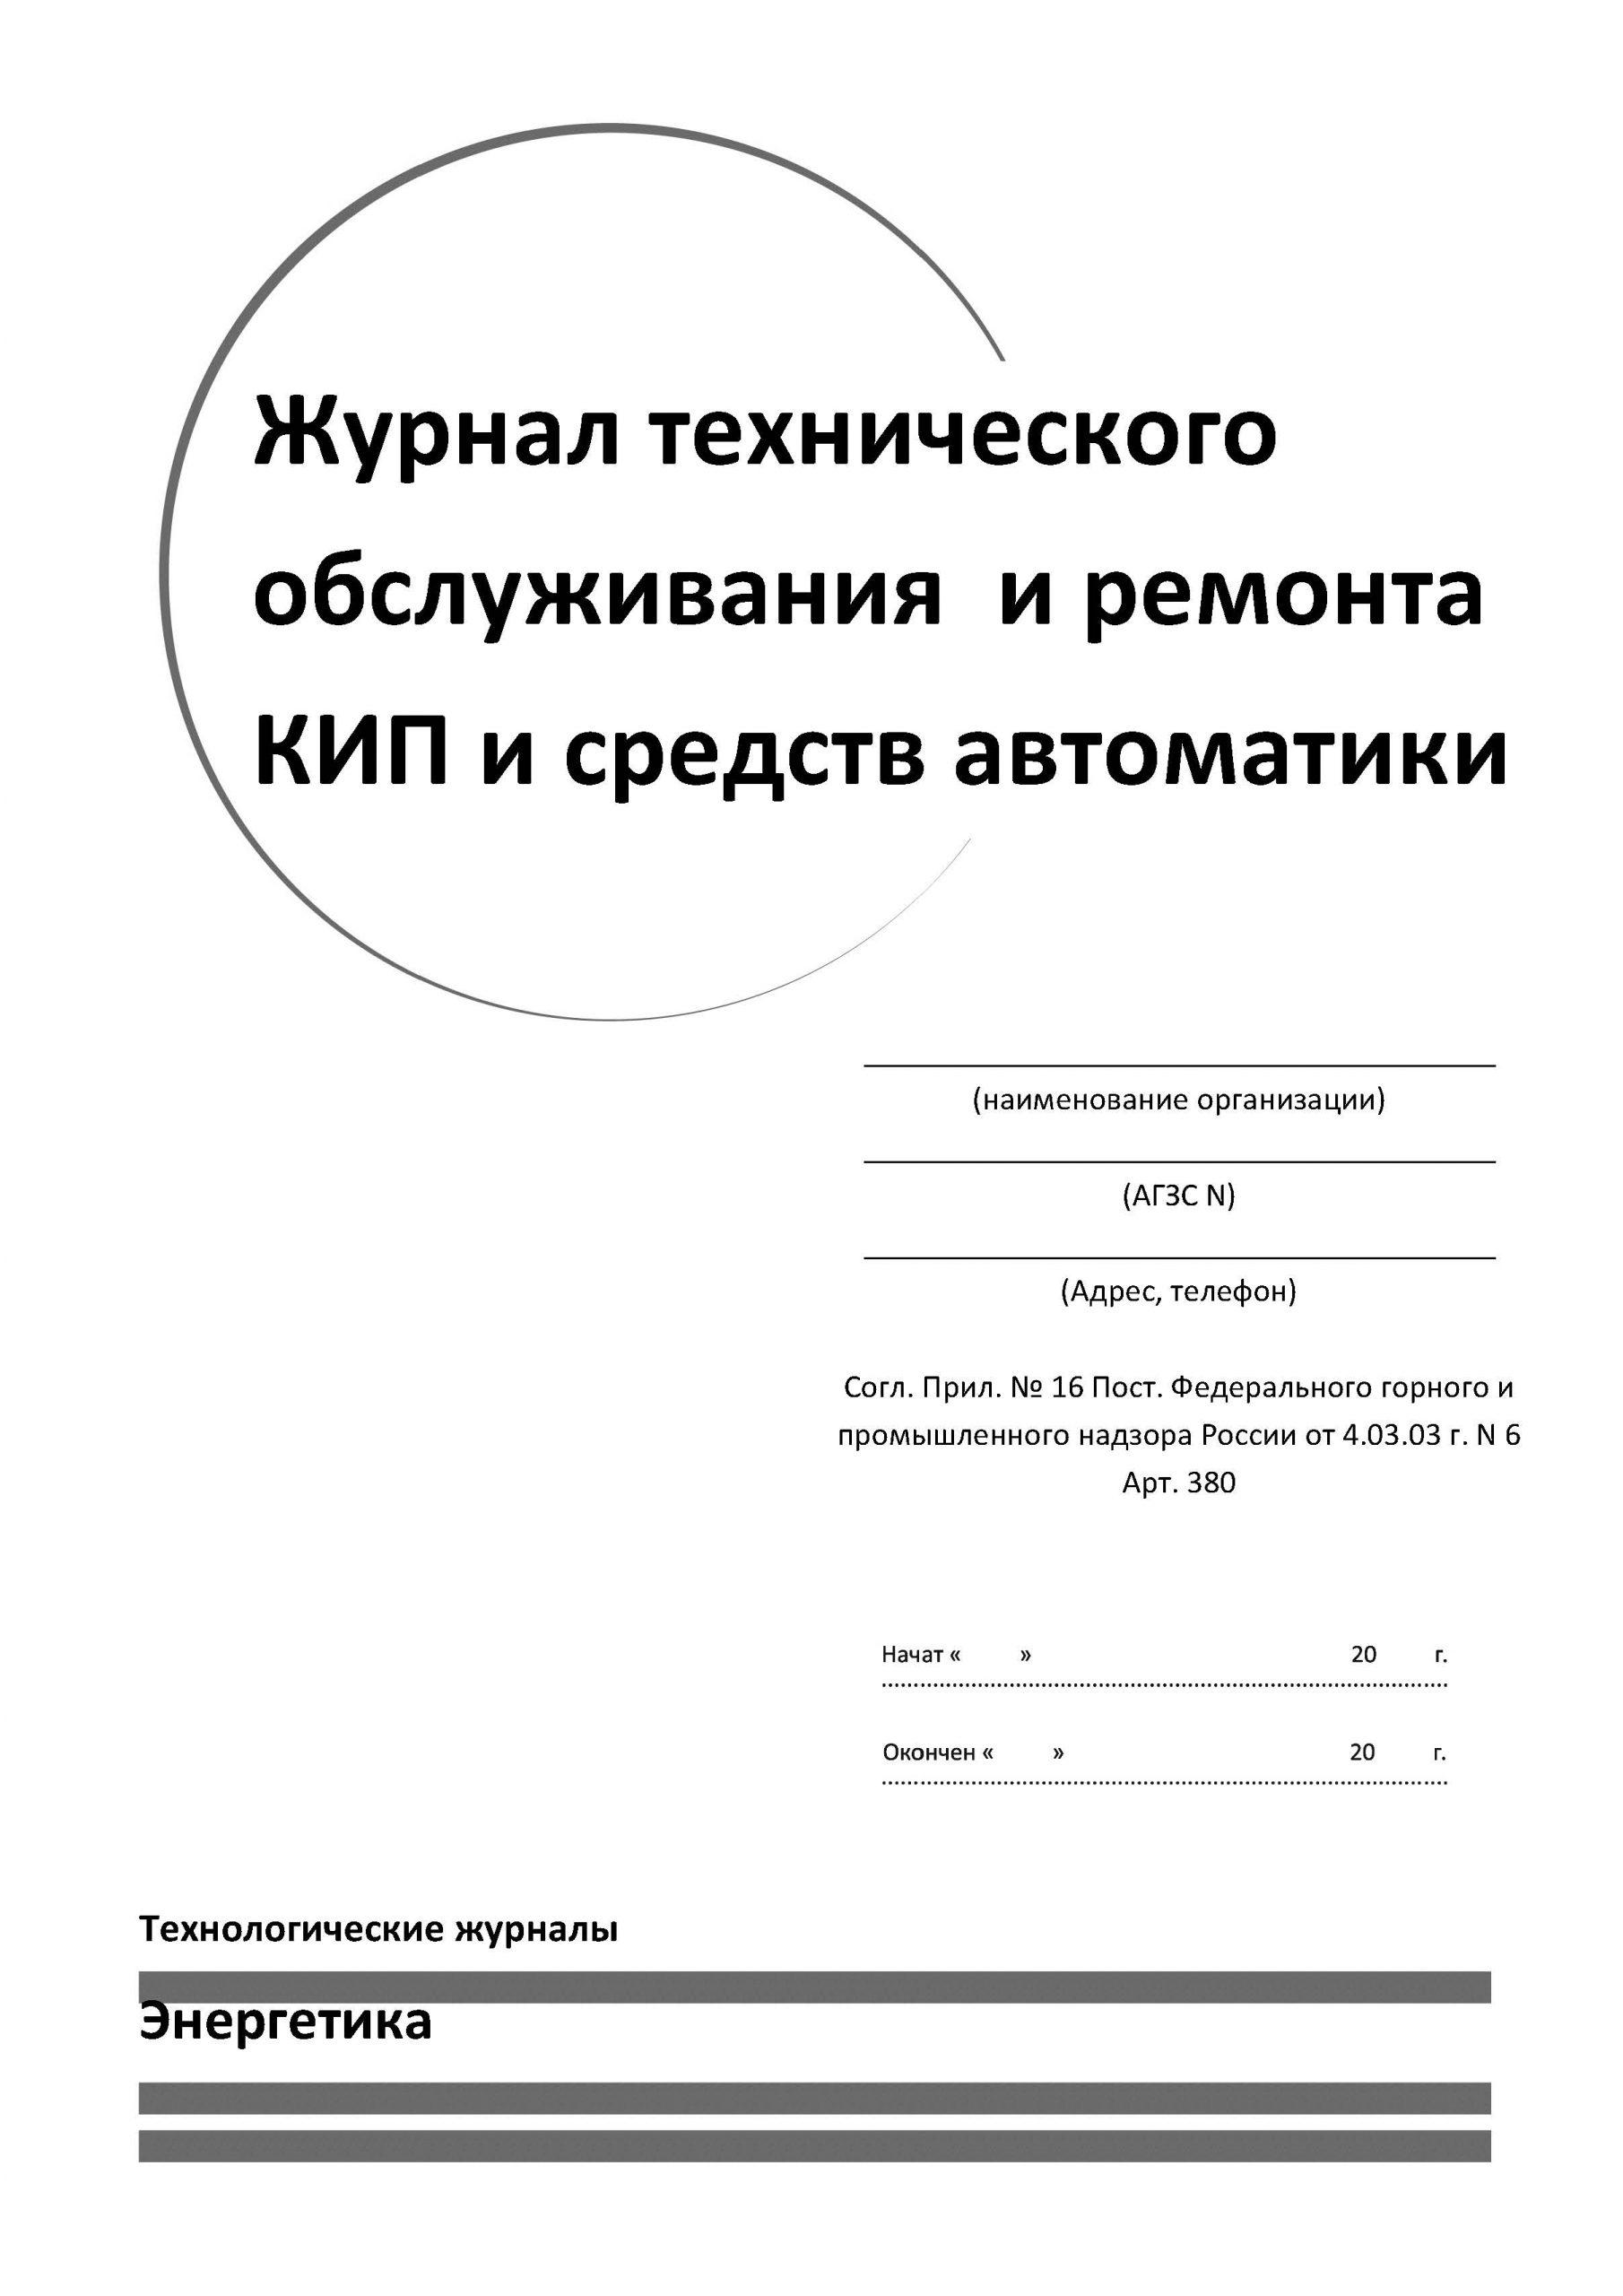 Изготовление технических журналов в Москве   фото 3